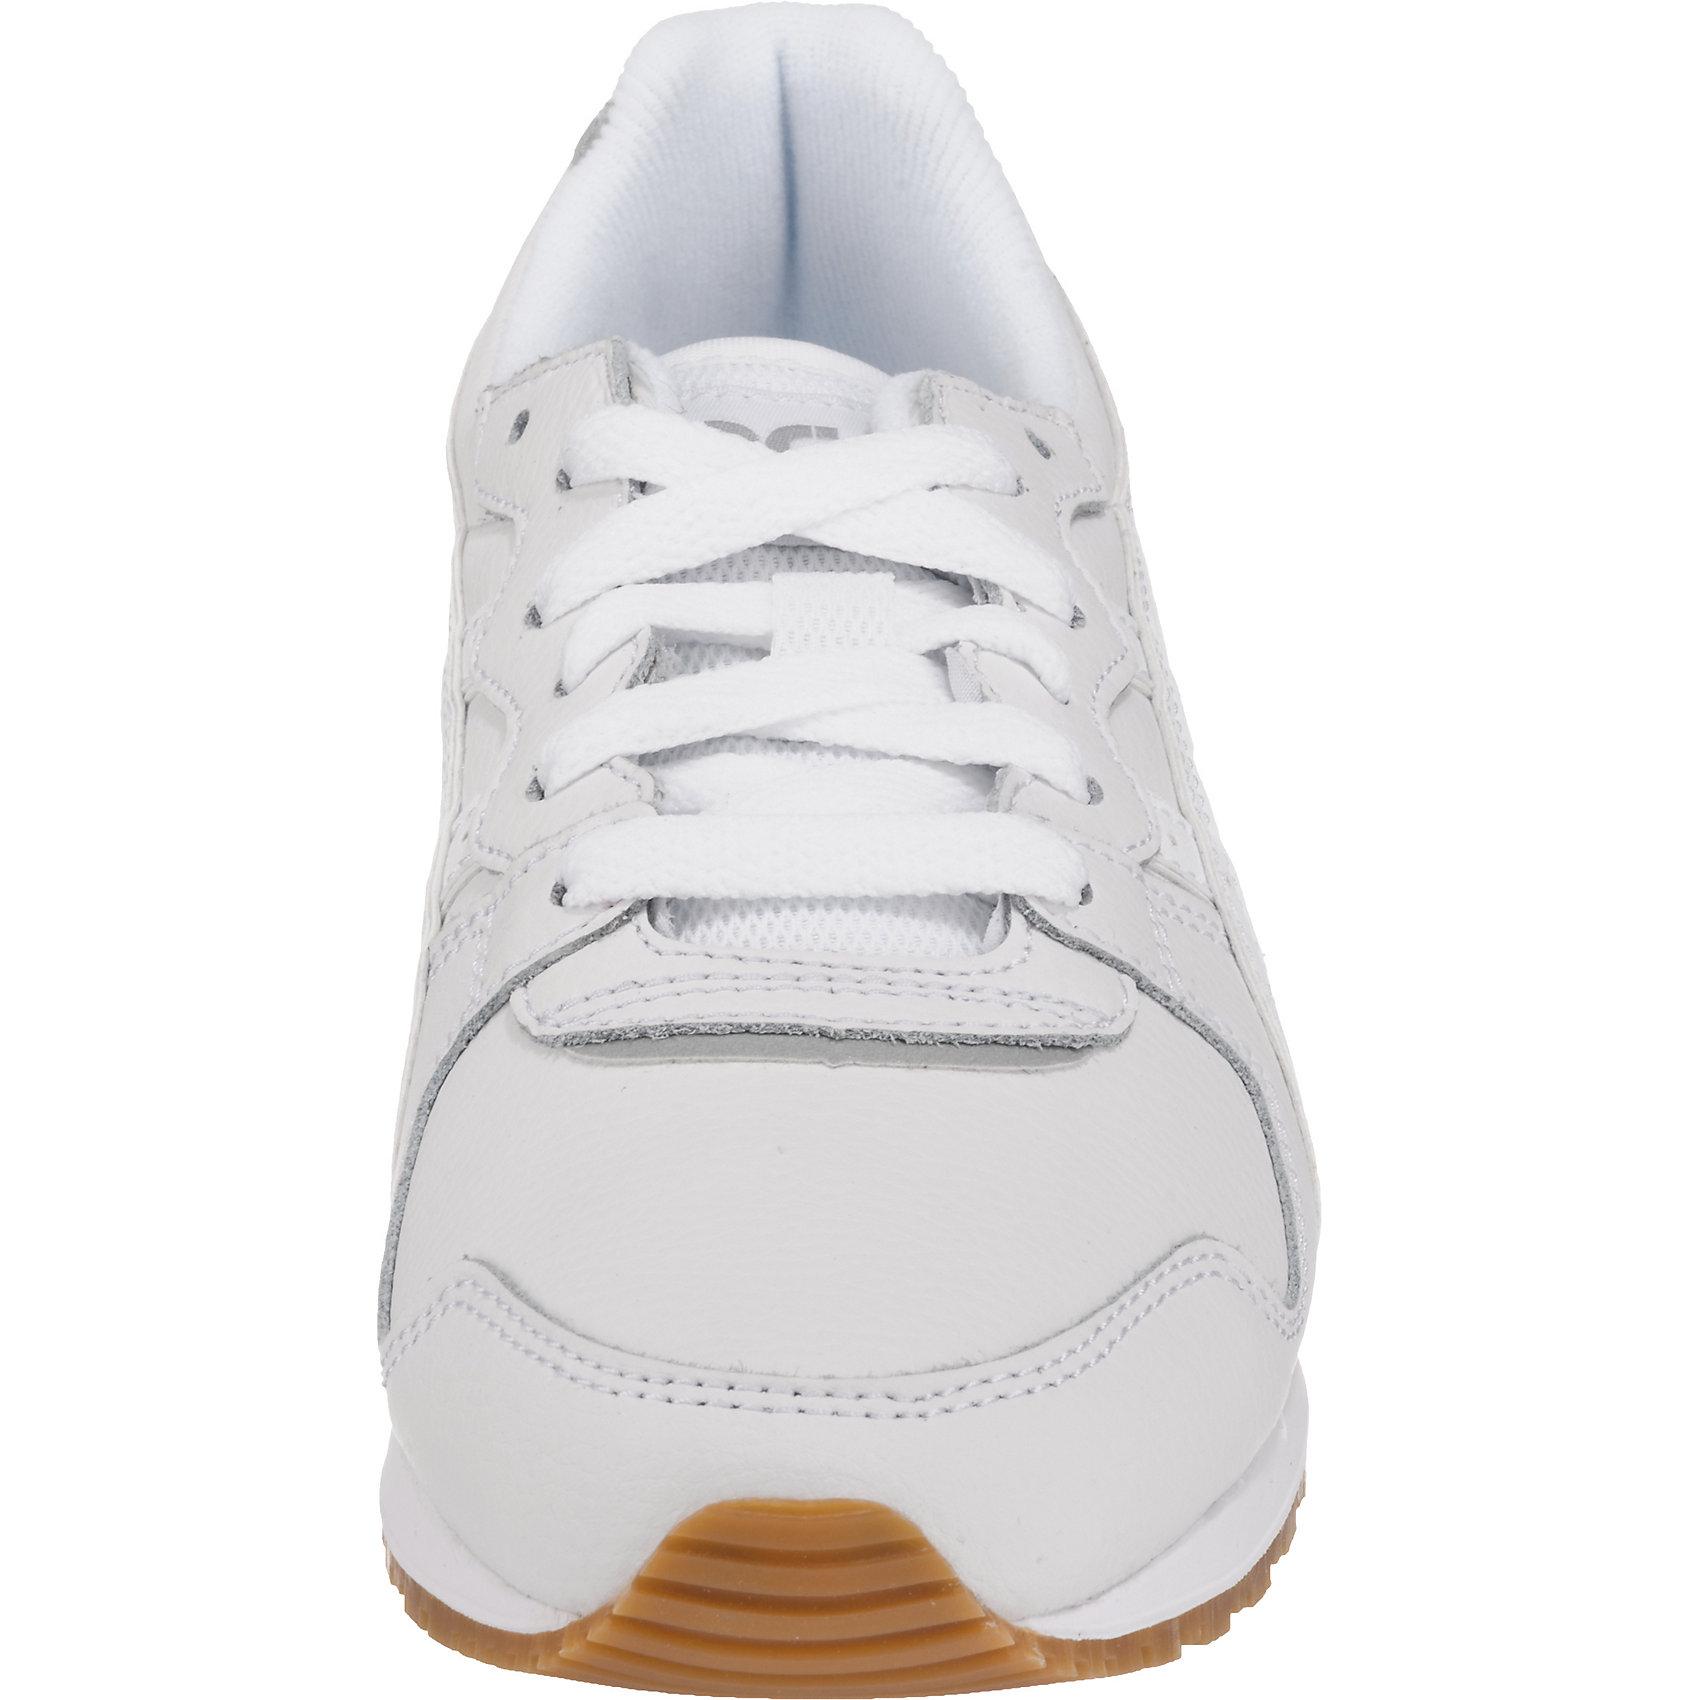 Details zu Neu ASICS Tiger GEL-Movimentum Sneakers Low 6668520 für Damen weiß